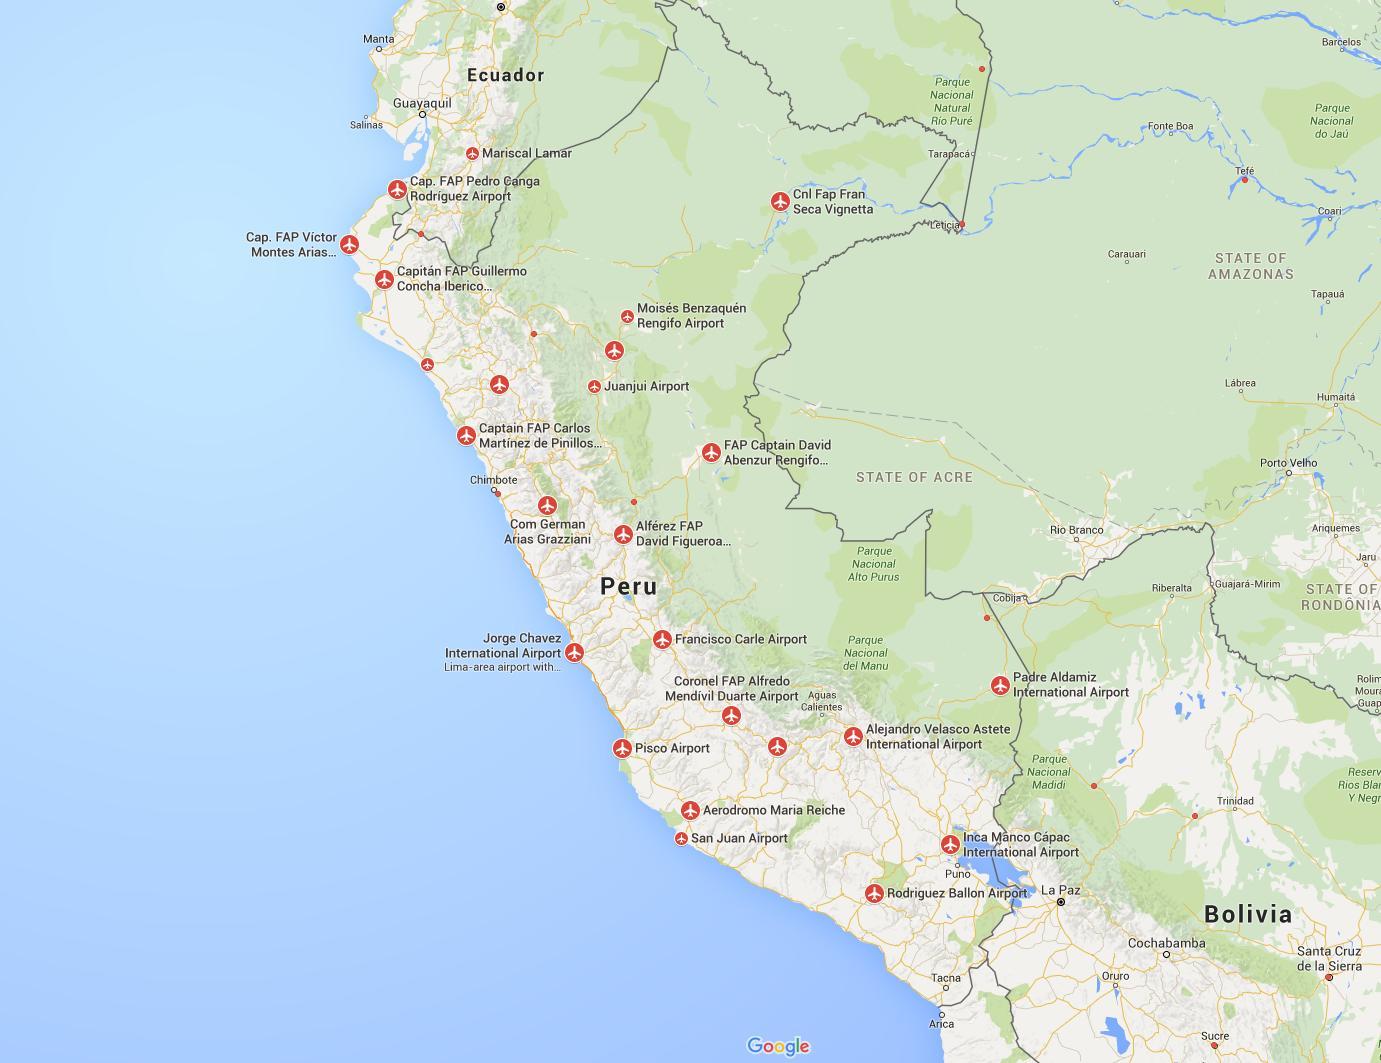 Peru Flughäfen Karte - Flughäfen in Peru Karte (South ...